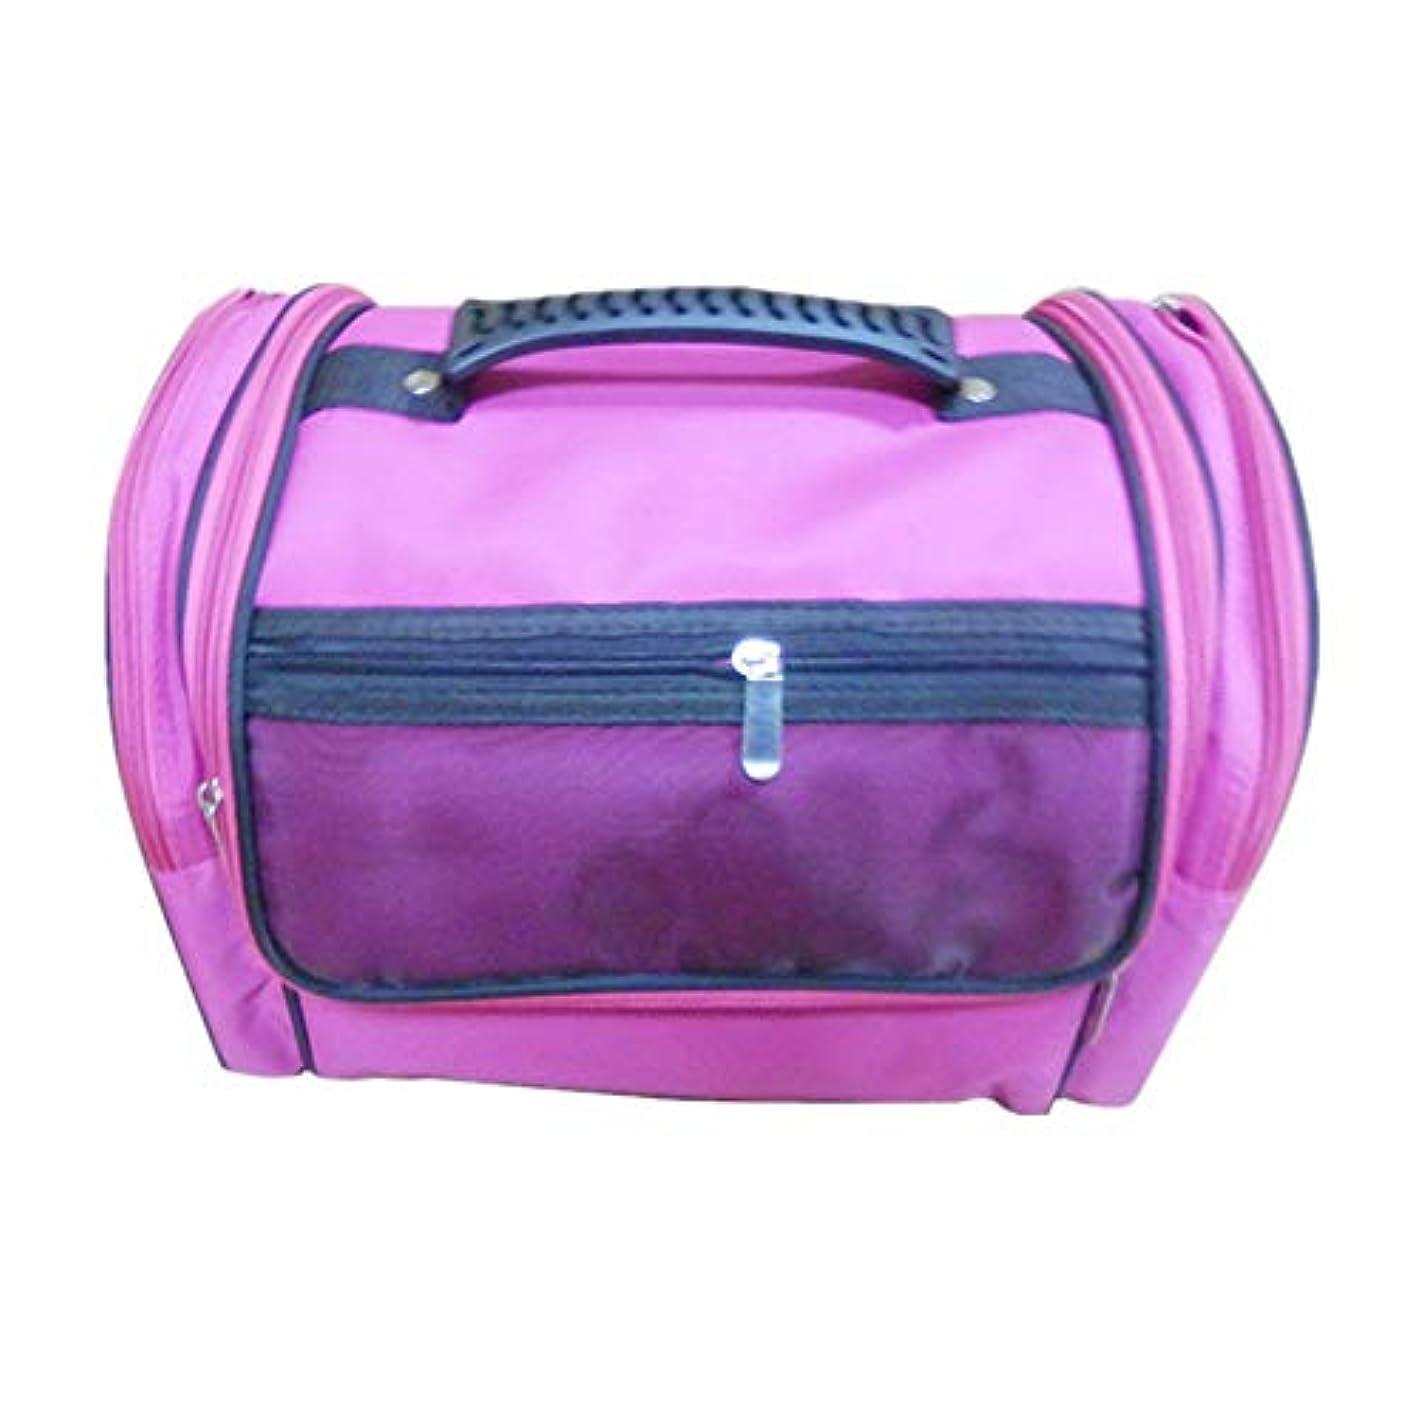 学ぶ明確な姉妹化粧オーガナイザーバッグ 高容量カジュアルポータ??ブルキャンバス化粧品バッグ旅行のための美容メイクアップとジッパーで毎日のストレージ 化粧品ケース